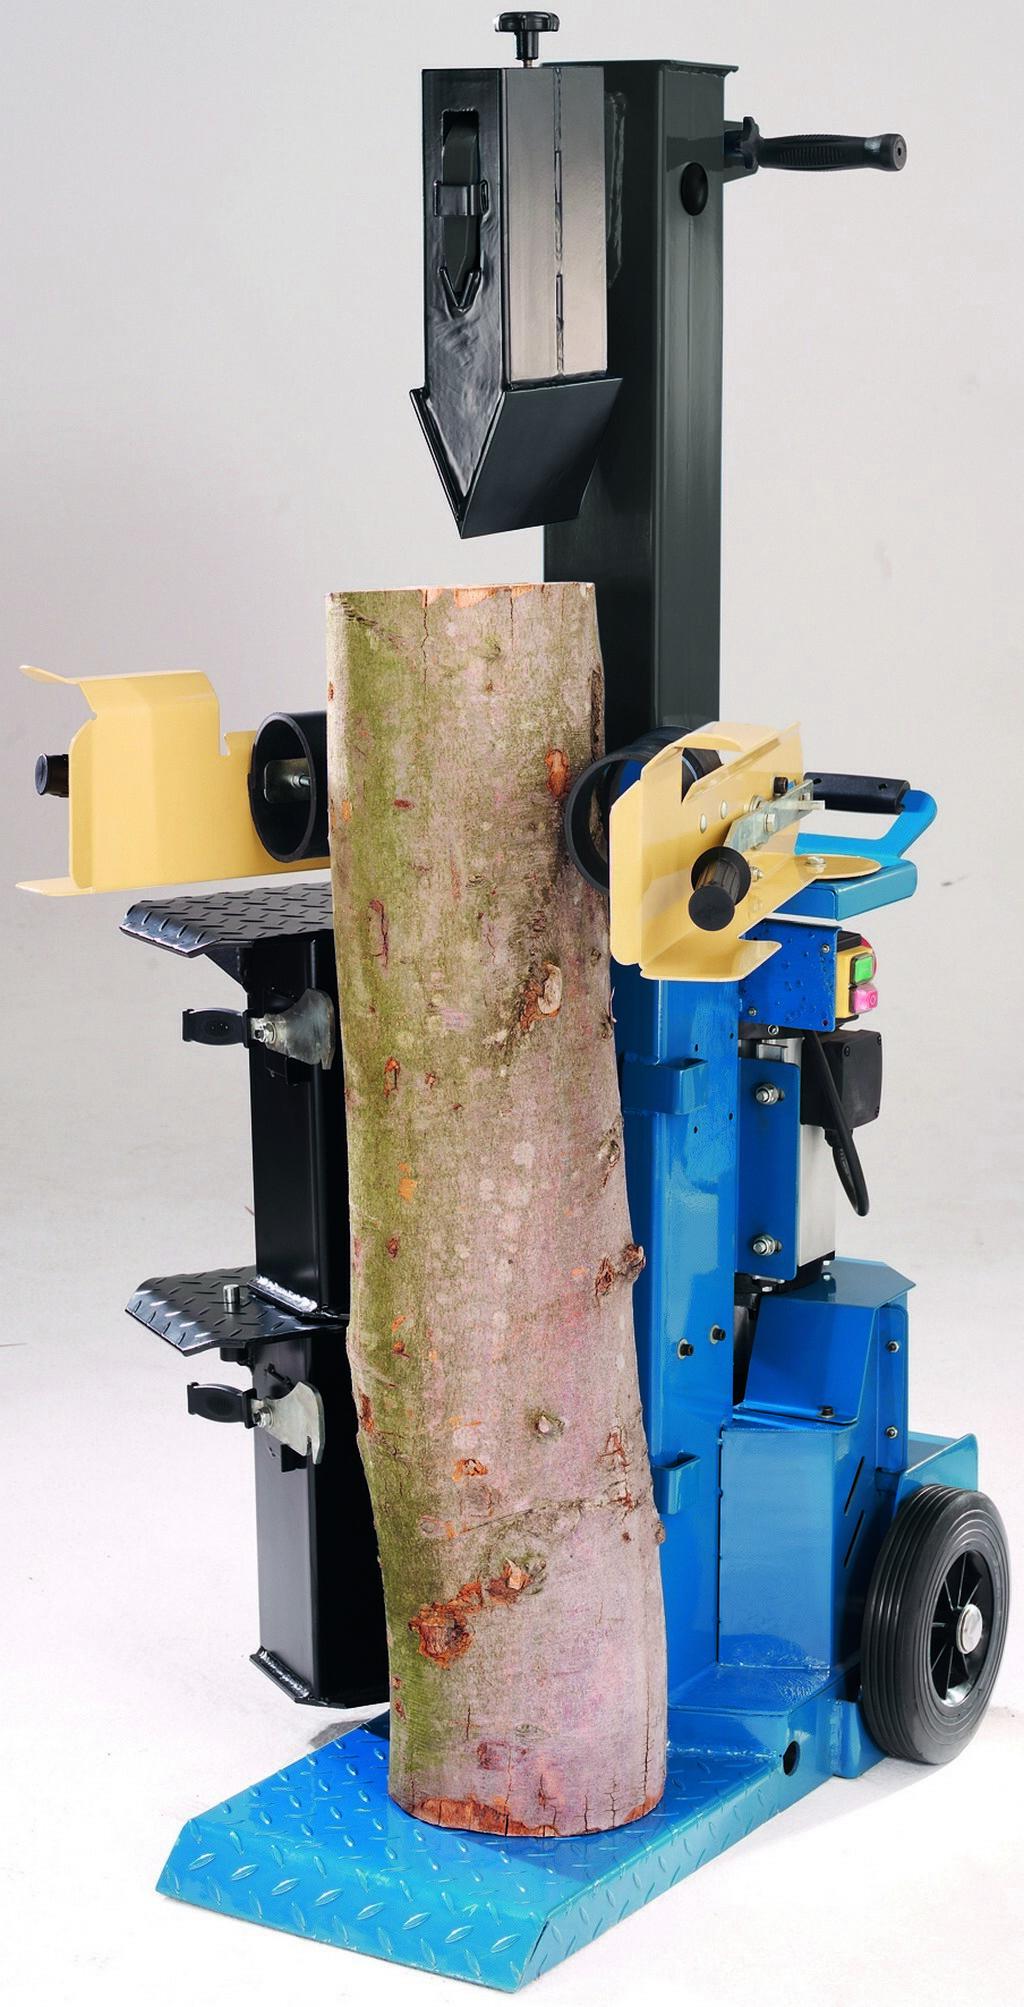 Ox 3-1000 - vertikální štípač dřeva 400 V